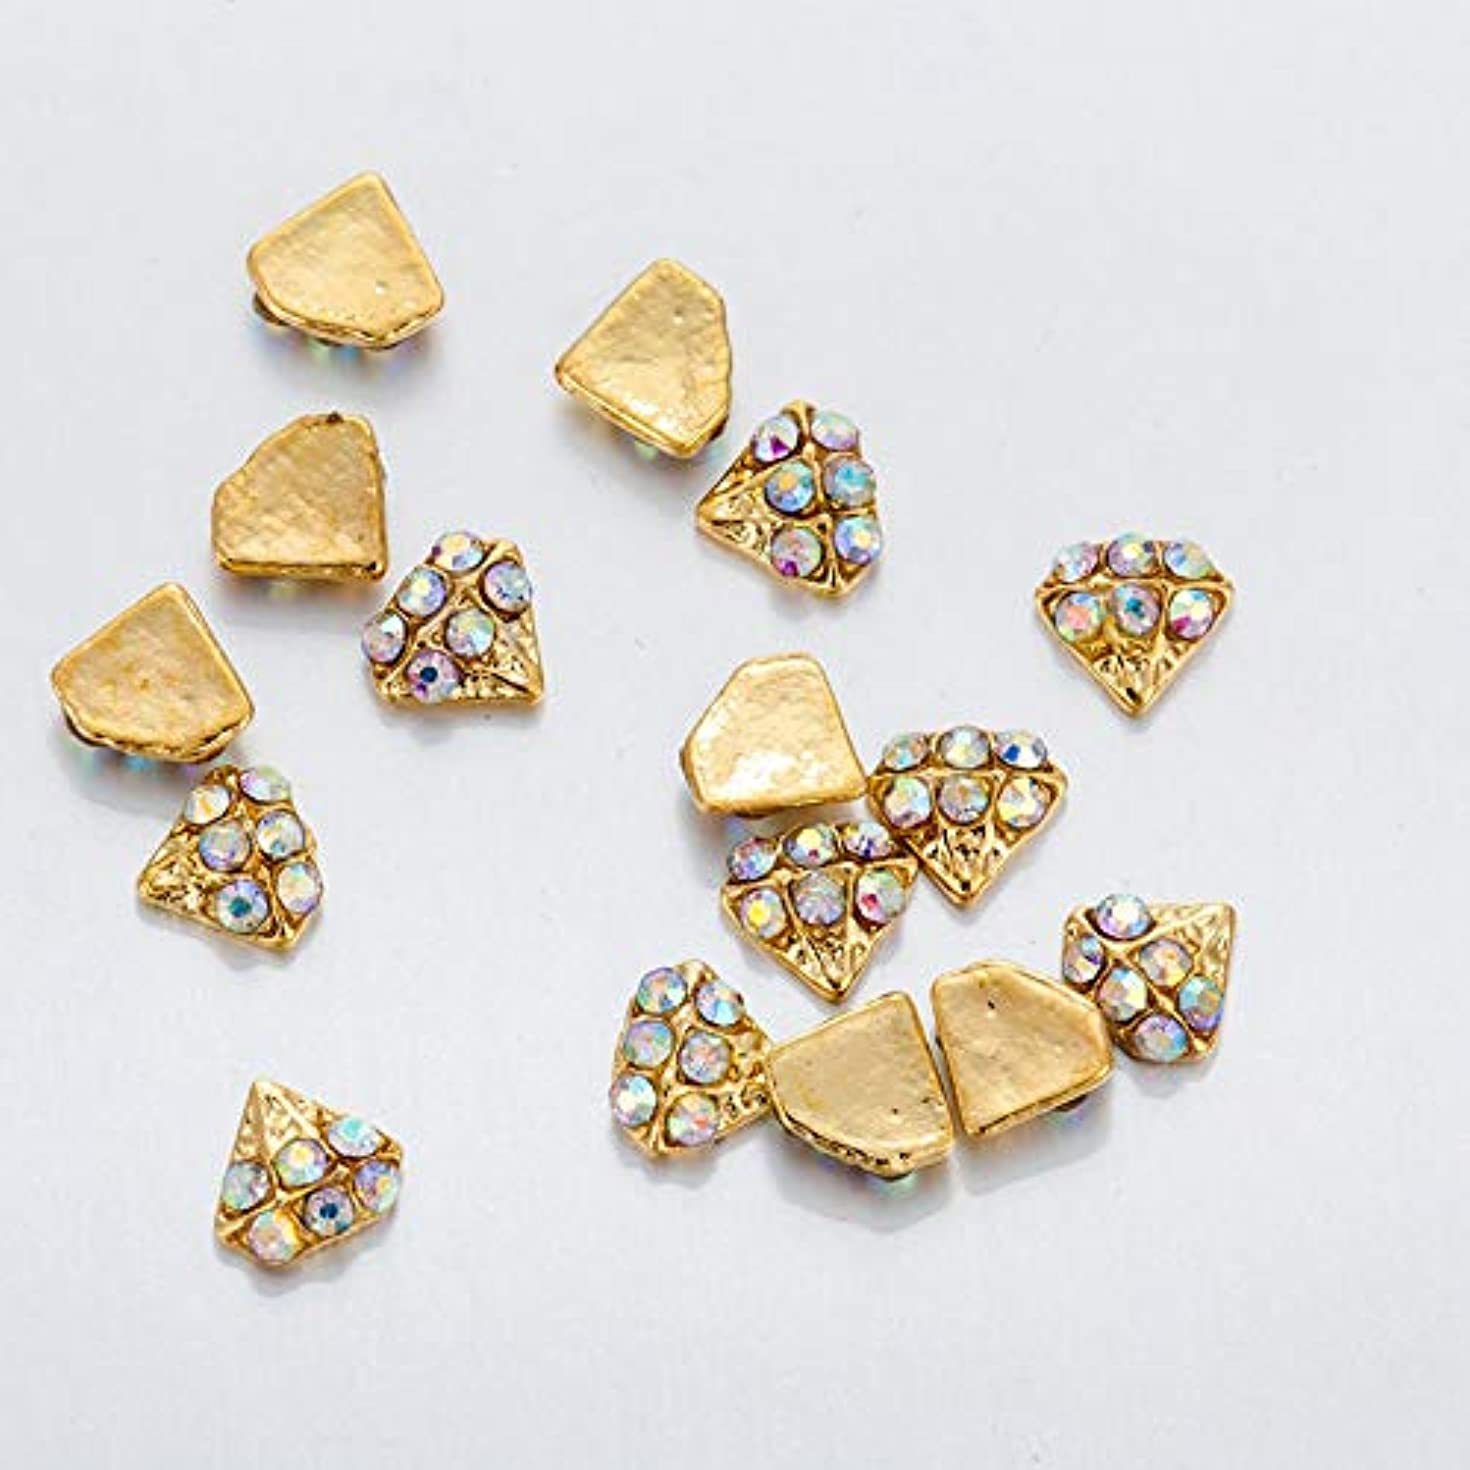 注目すべきキャッチゲートウェイ10 PCS /袋3Dラインストーンダイヤモンド形状合金のフラワーネイルグラマーネイルアートデコレーションスパークリングラインストーンネイル用品